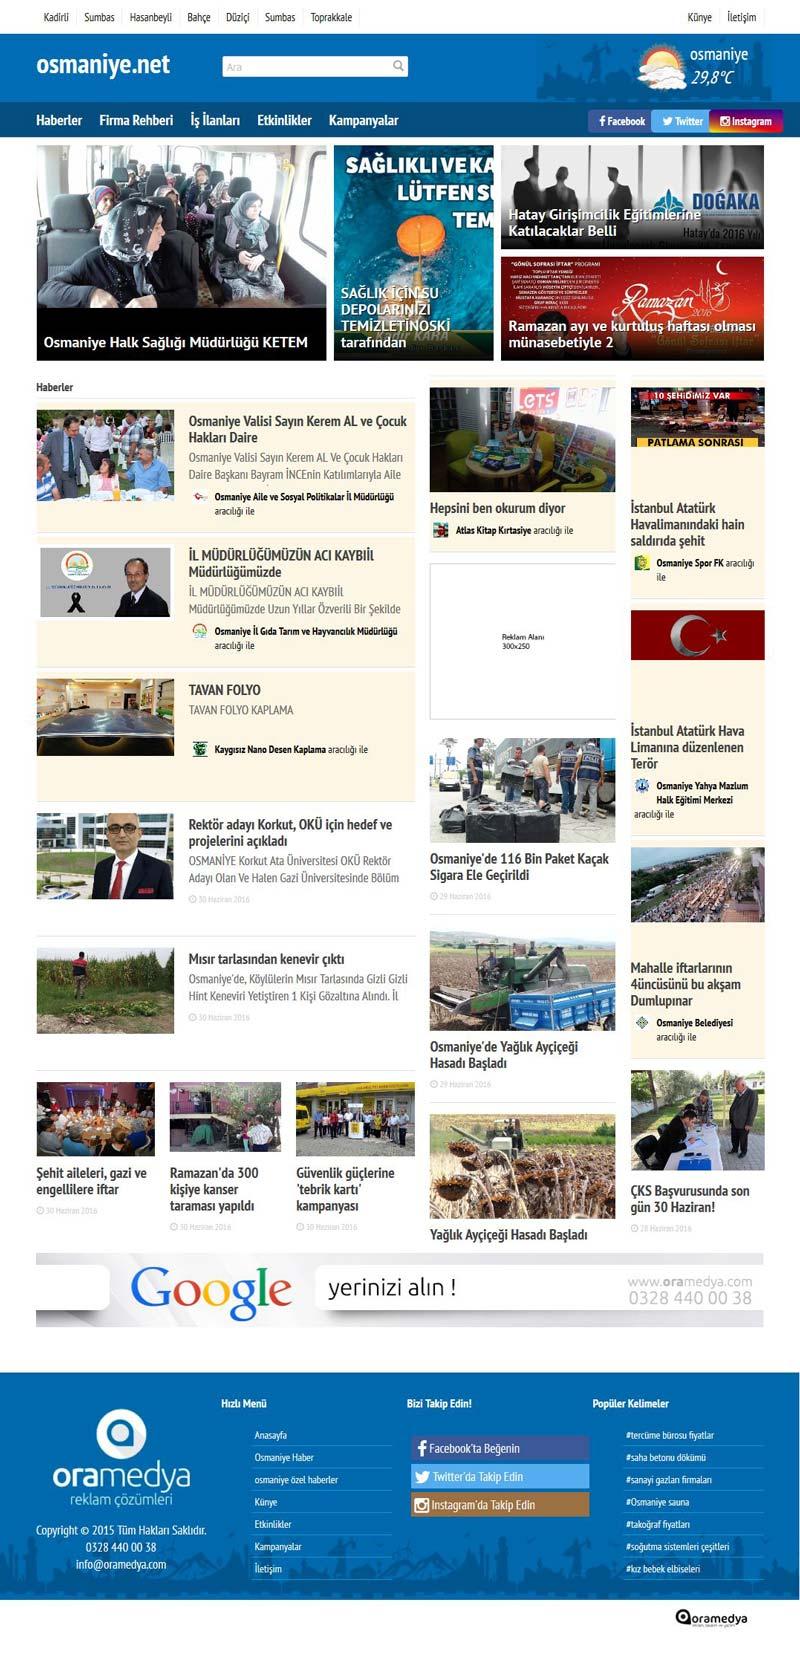 osmaniye.net haber ve şehir portalı